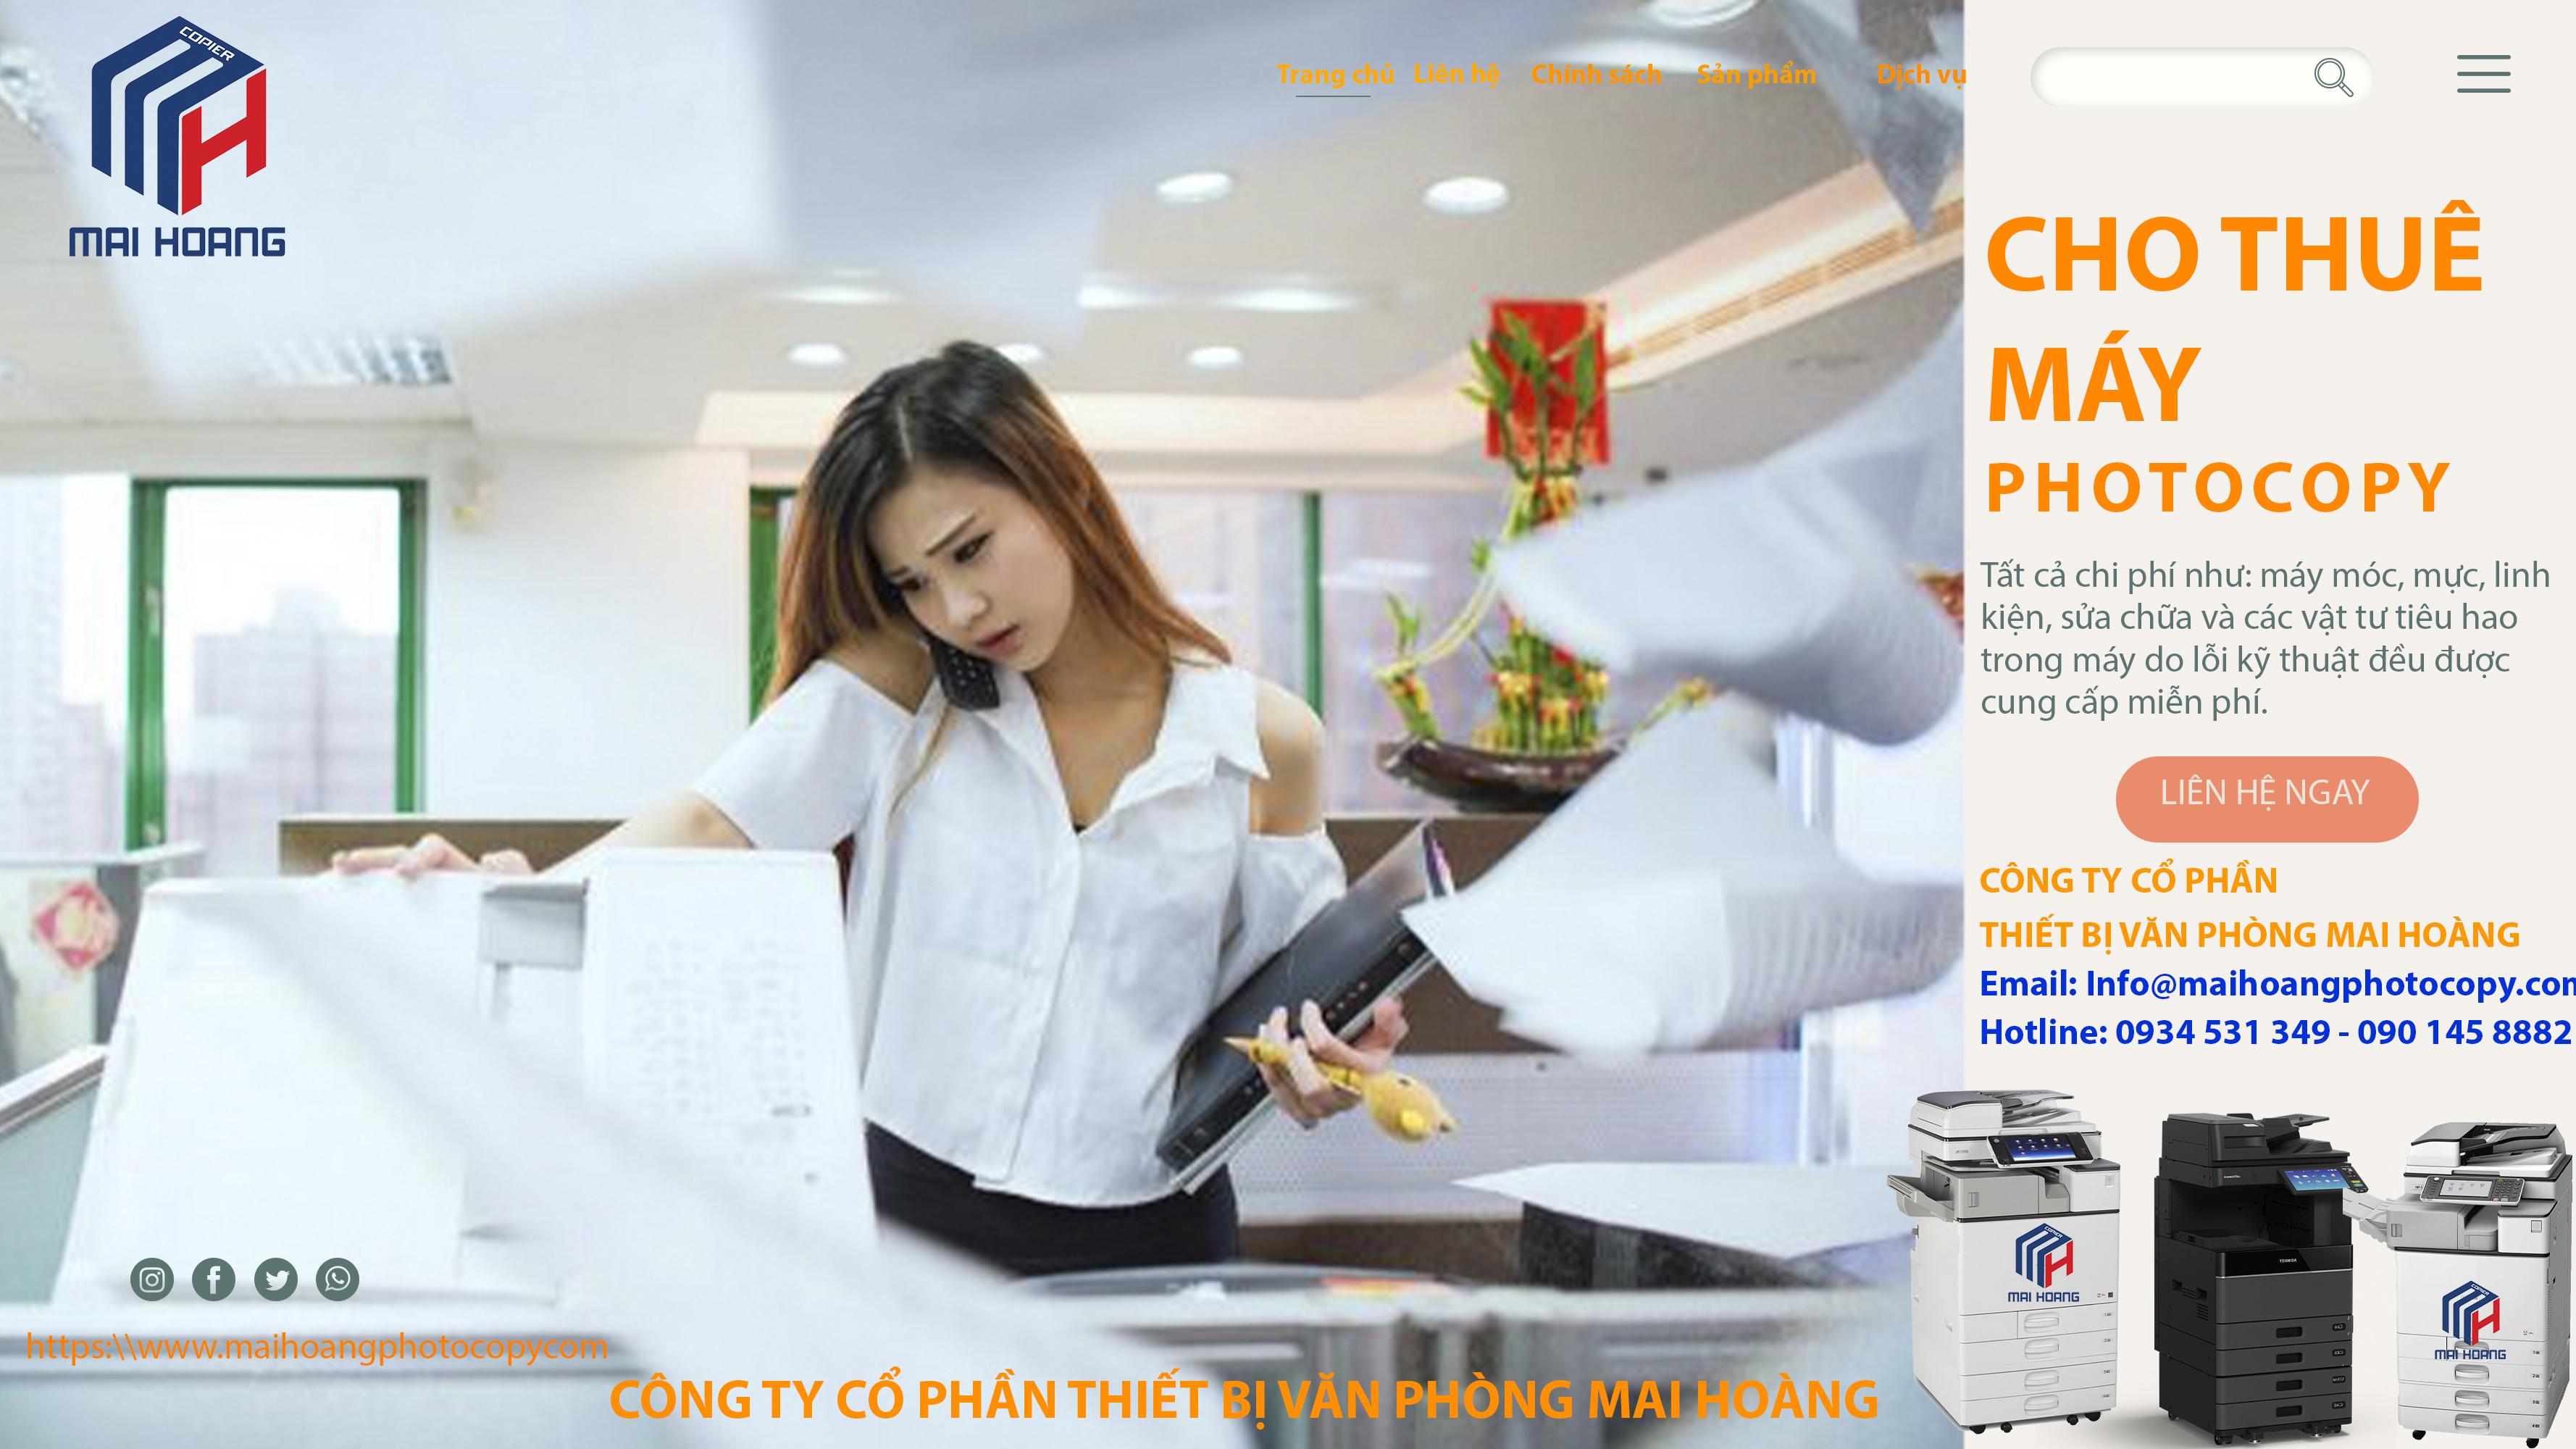 dịch vụ cho thuê máy photocopy tại Quận 11